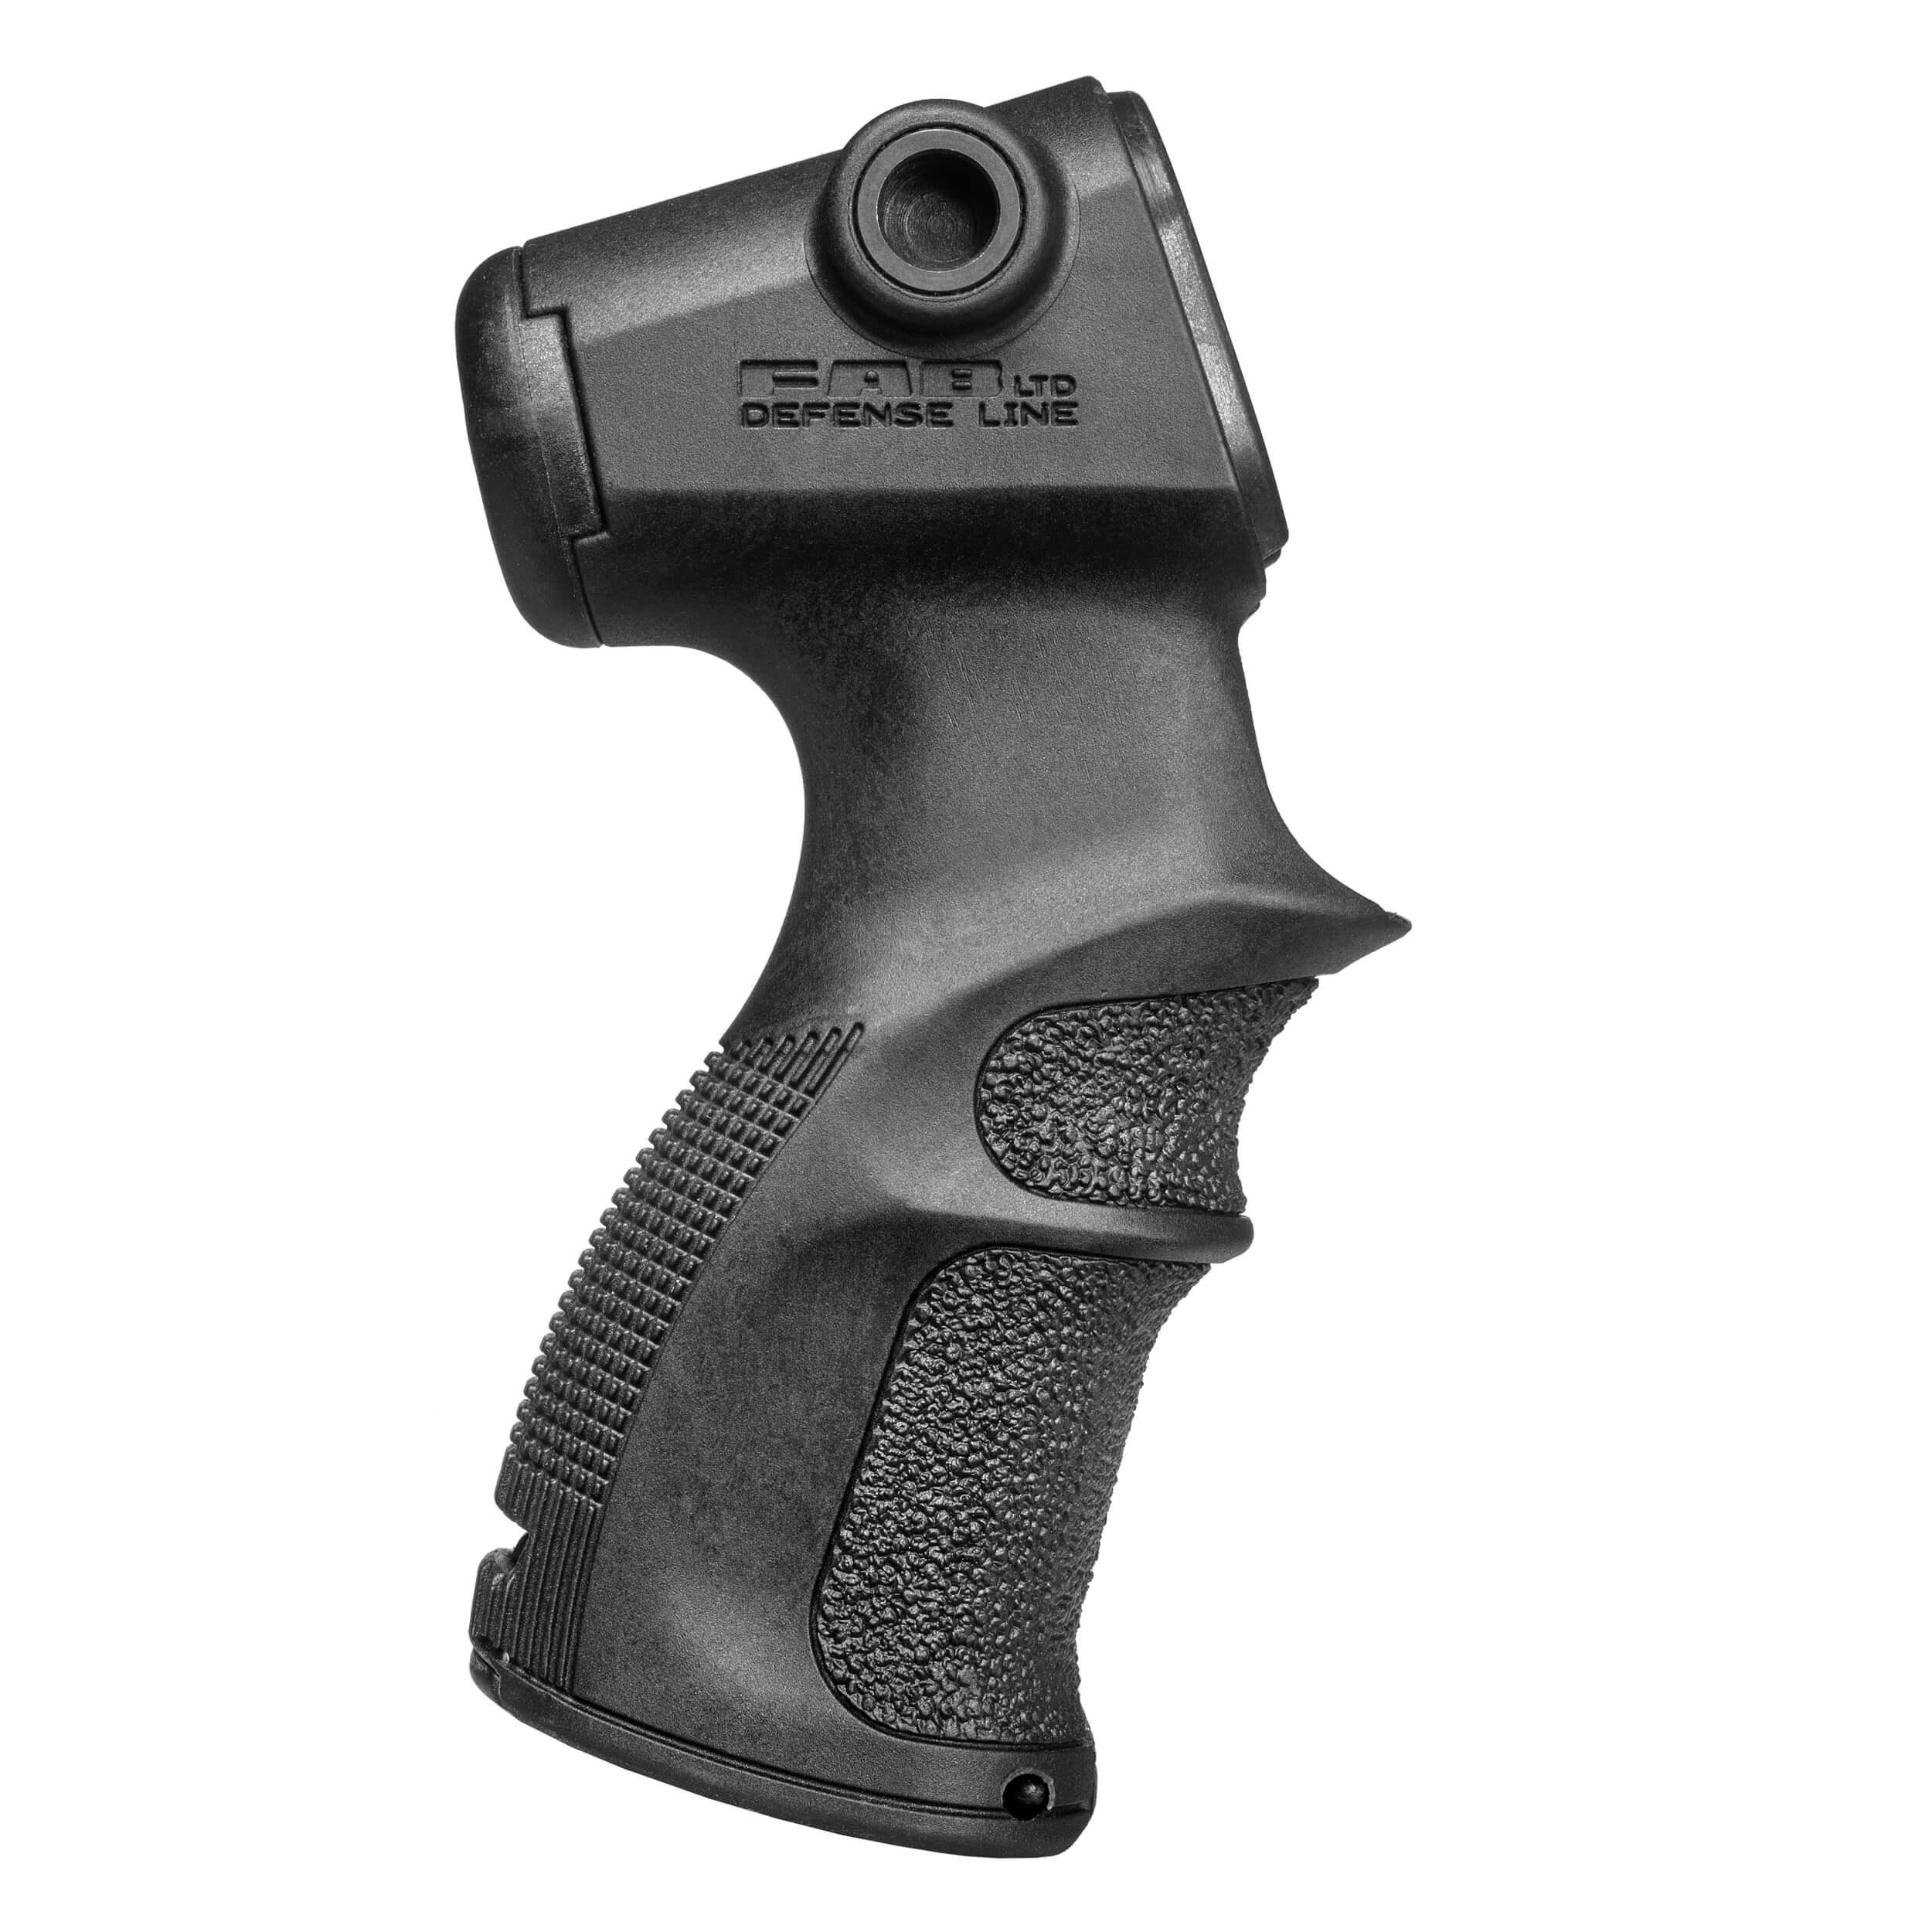 AGR-870 Pistol Grip for Remington 870